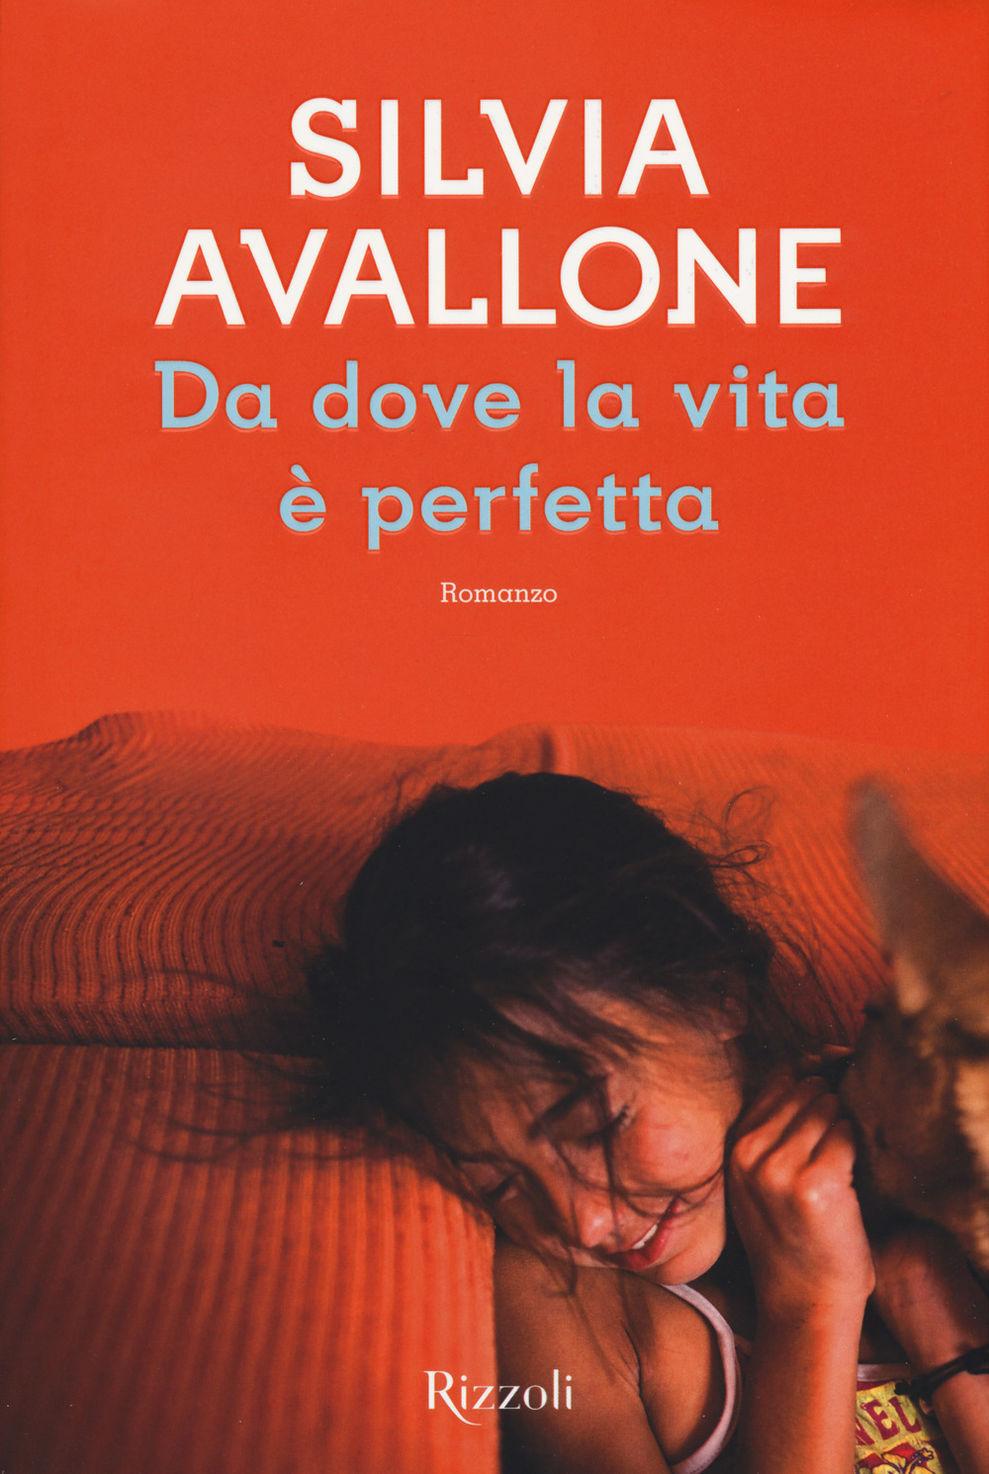 Da dove la vita è perfetta di Silvia Avallone